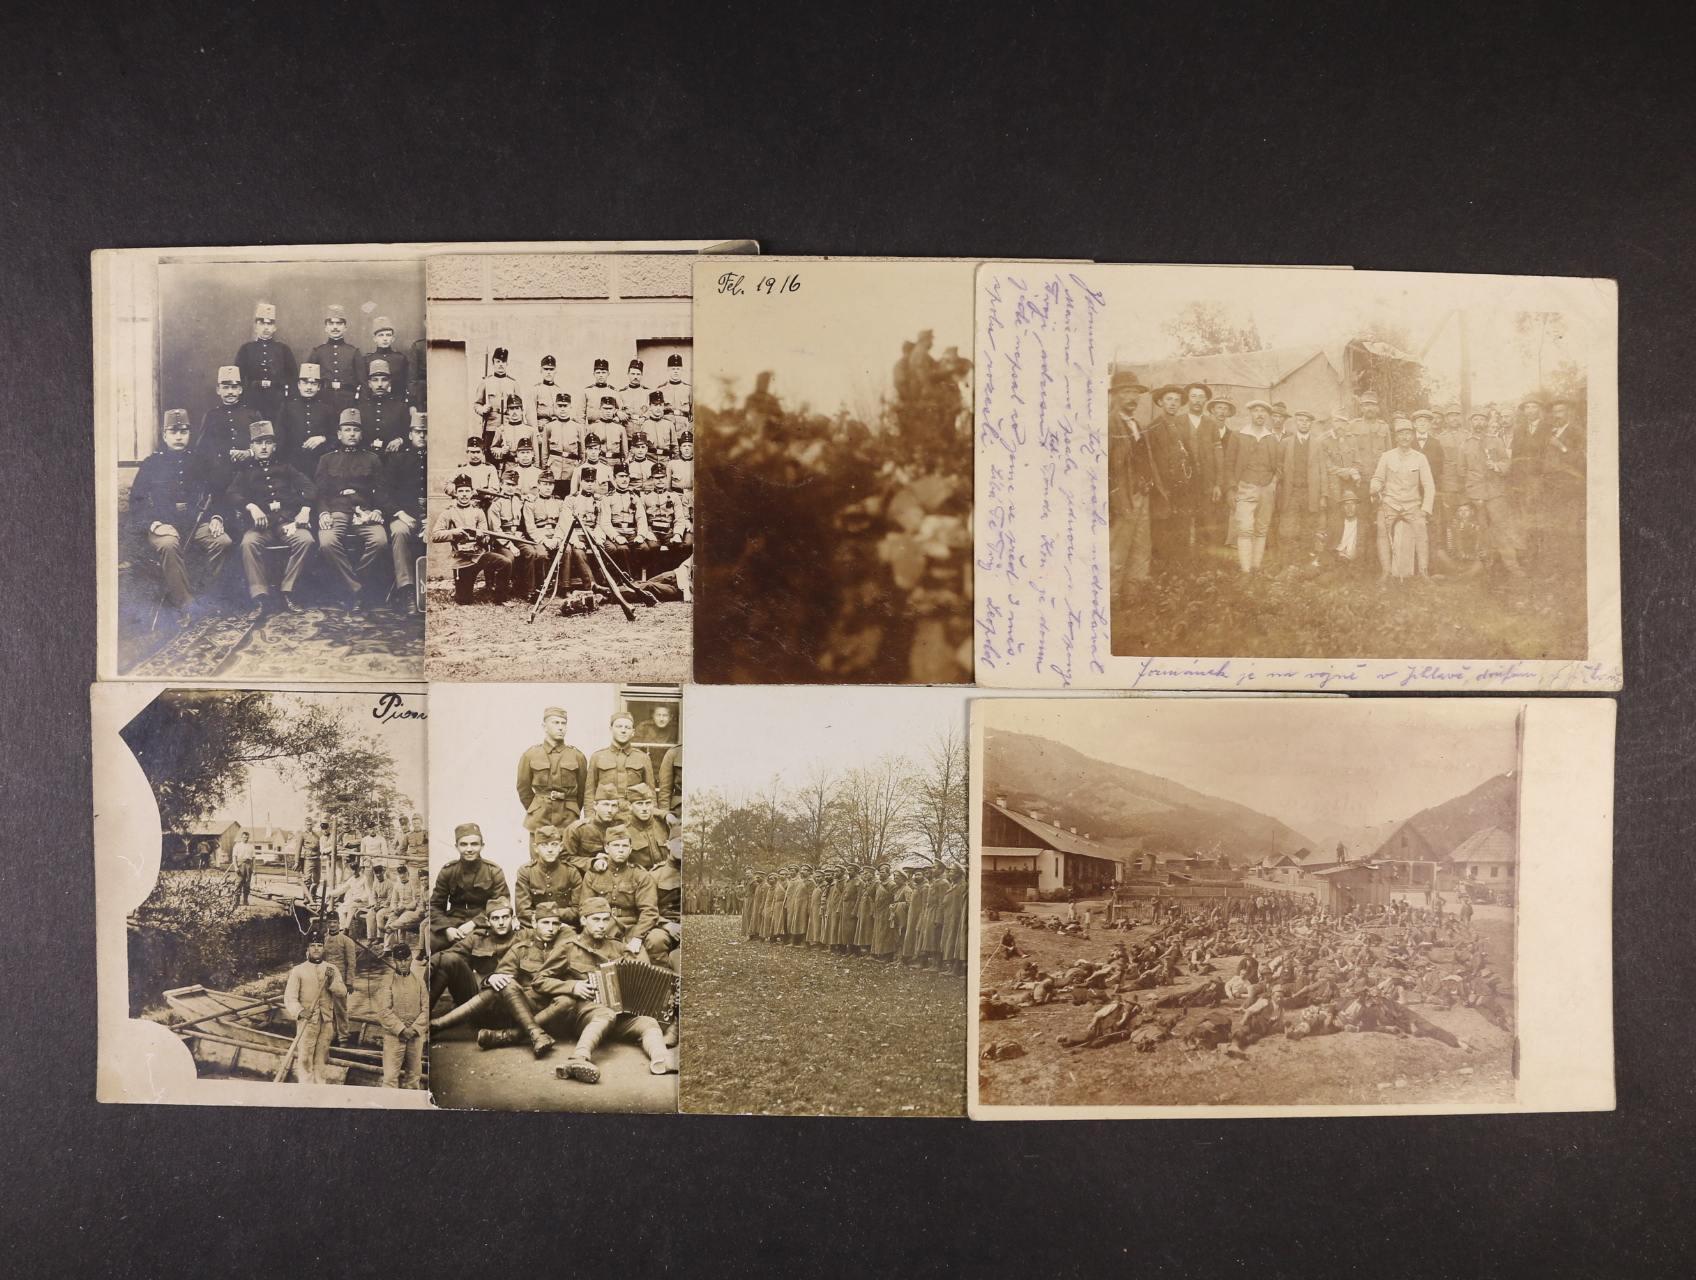 Vojenské - sestava 10 ks fotopohlednic různých voj. útvarů, použité během I. svět. války, zajímavé